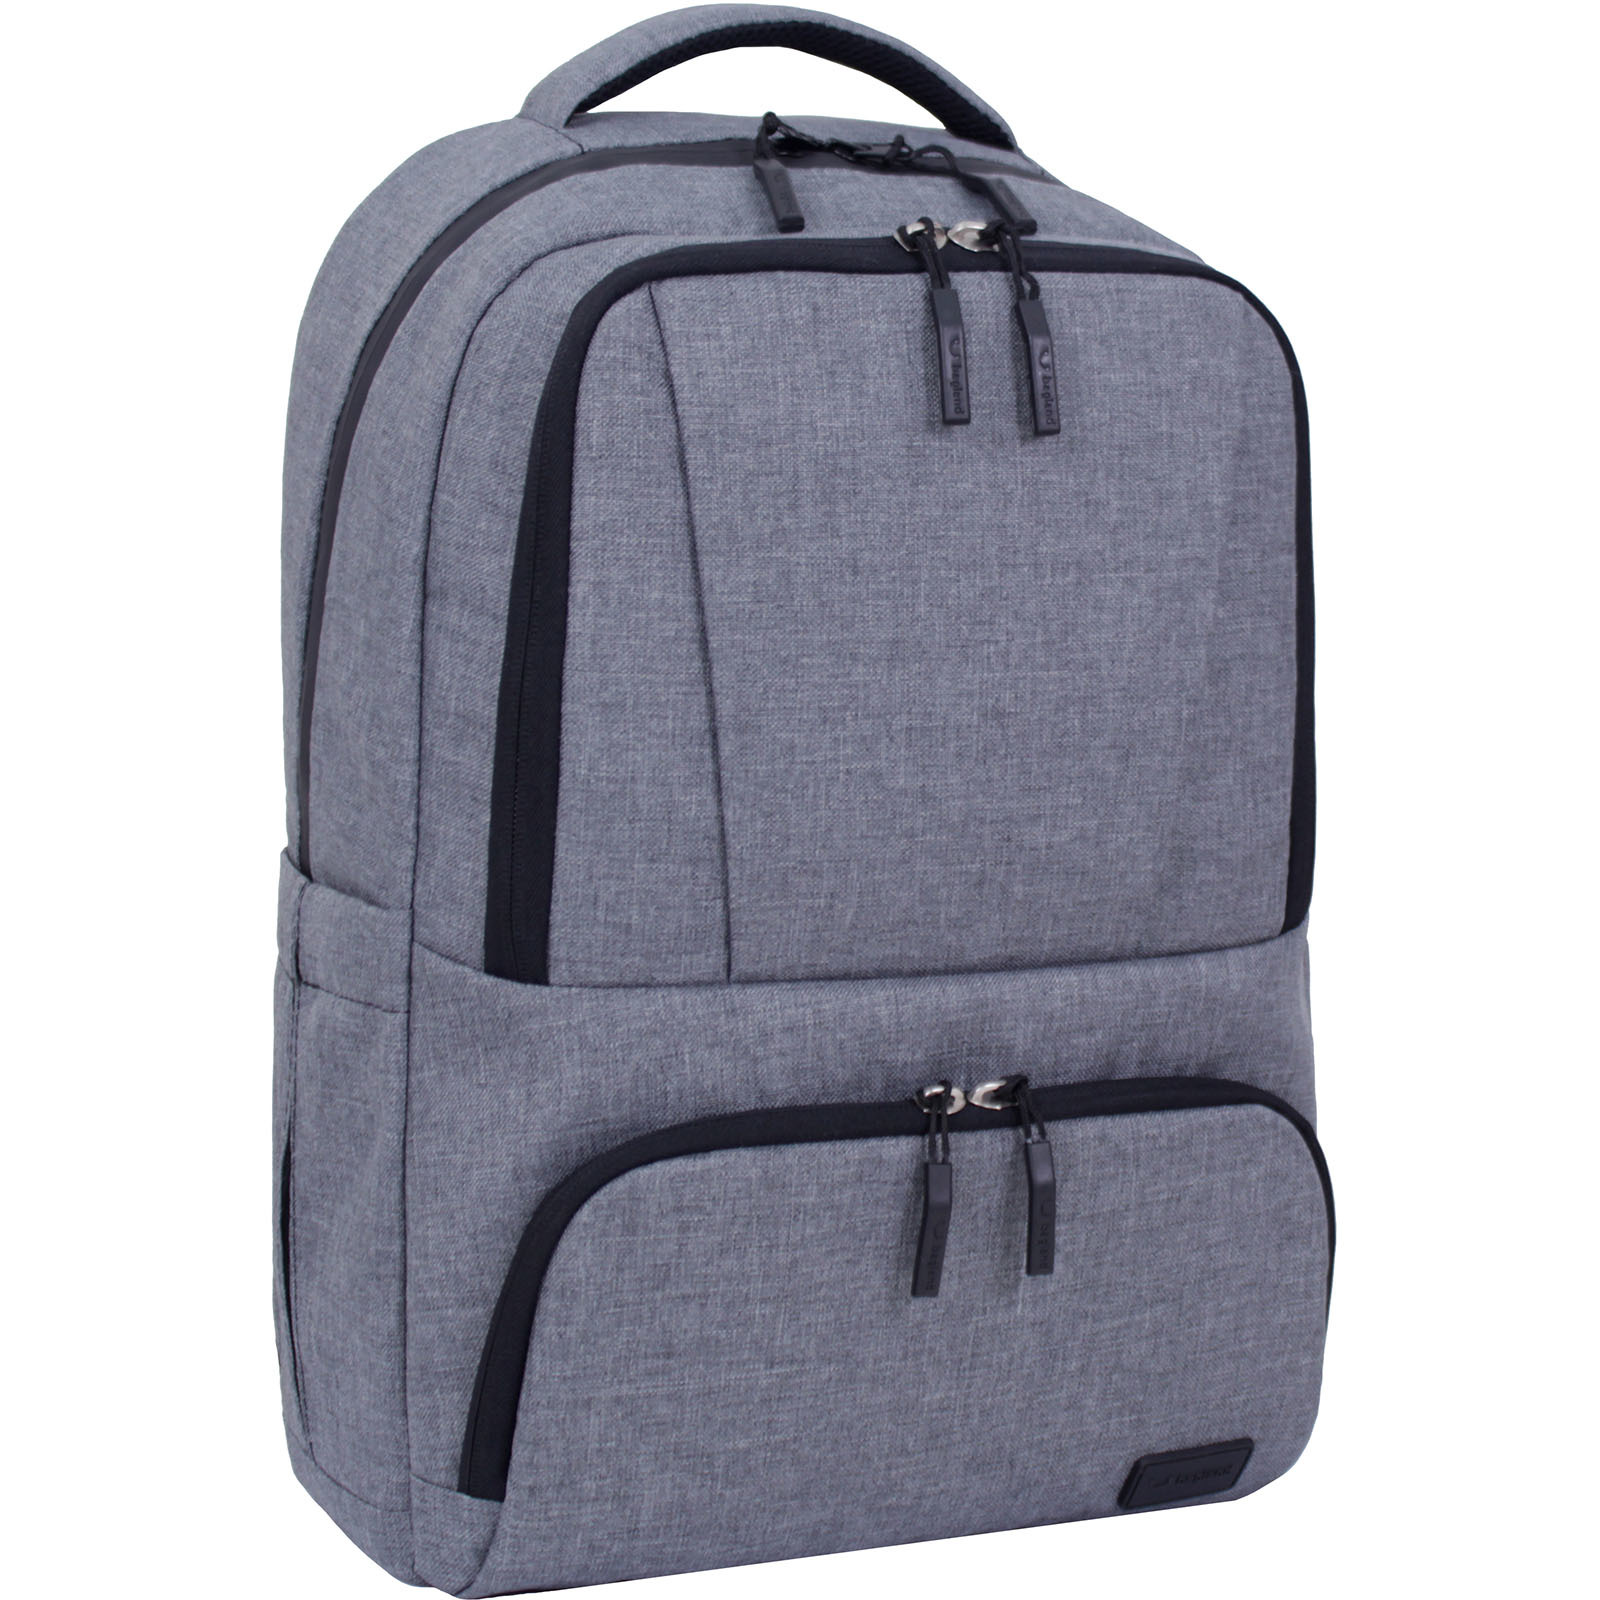 Рюкзак школьный Bagland STARK серый (0014366) фото 1